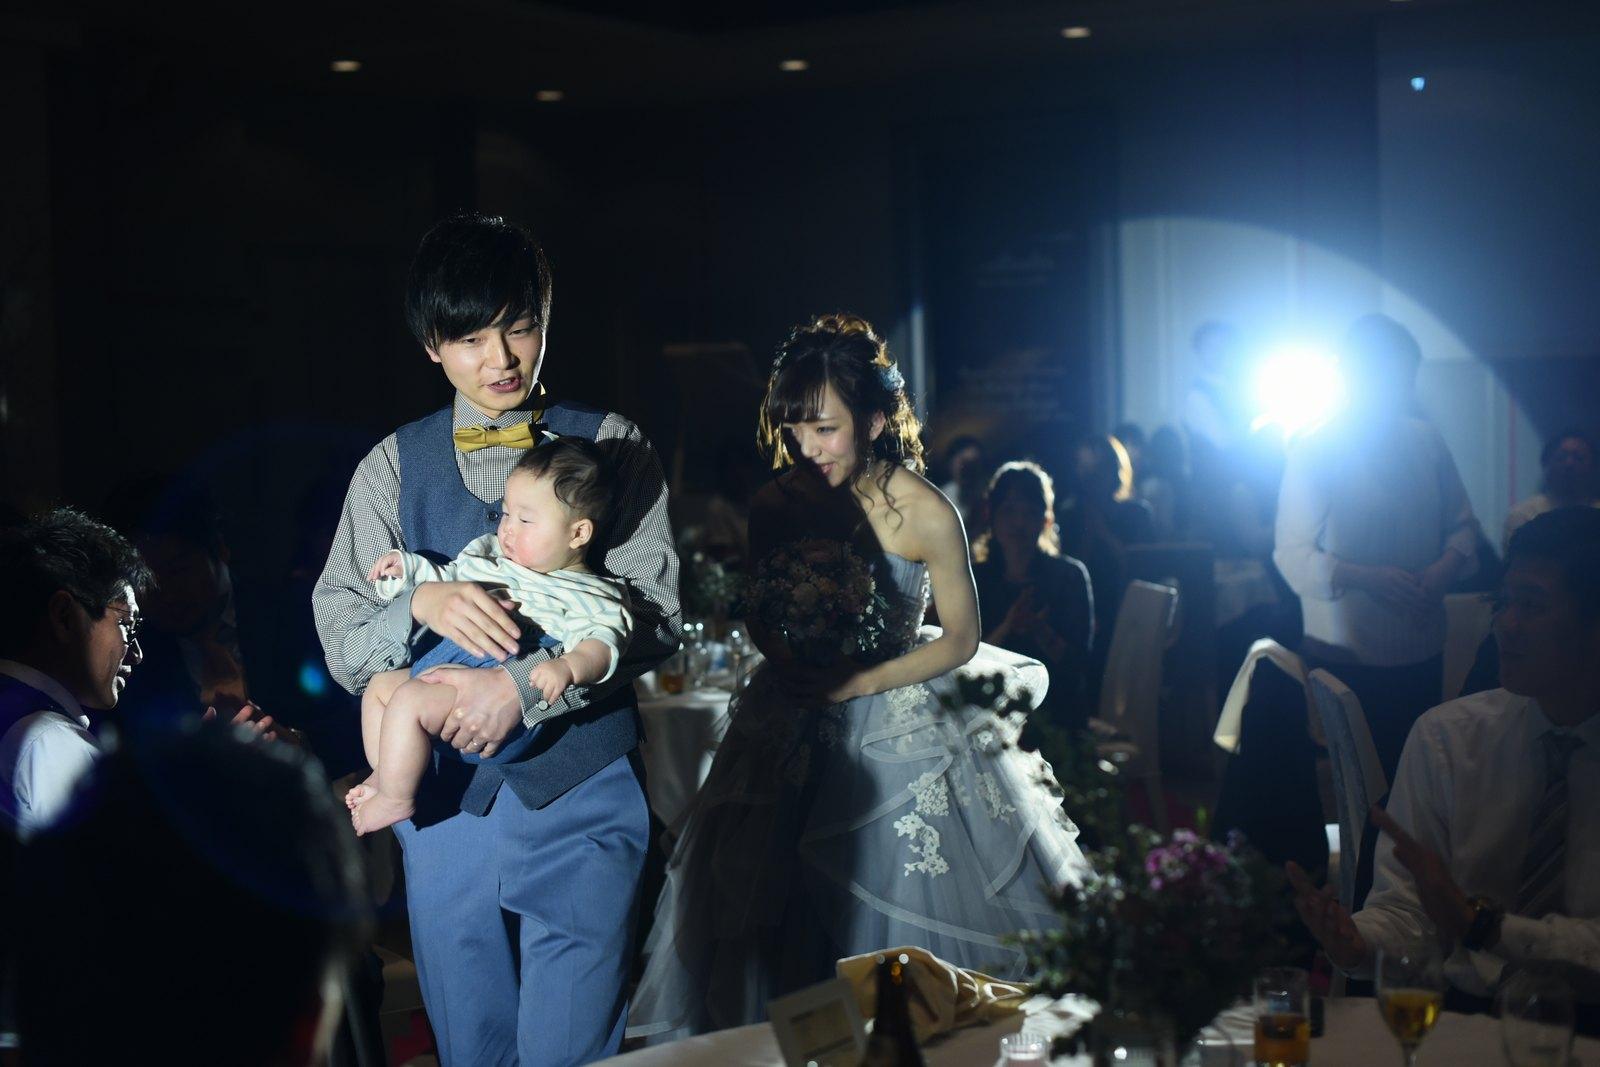 徳島市の結婚式場ブランアンジュのパーティの最後は家族3人での退場